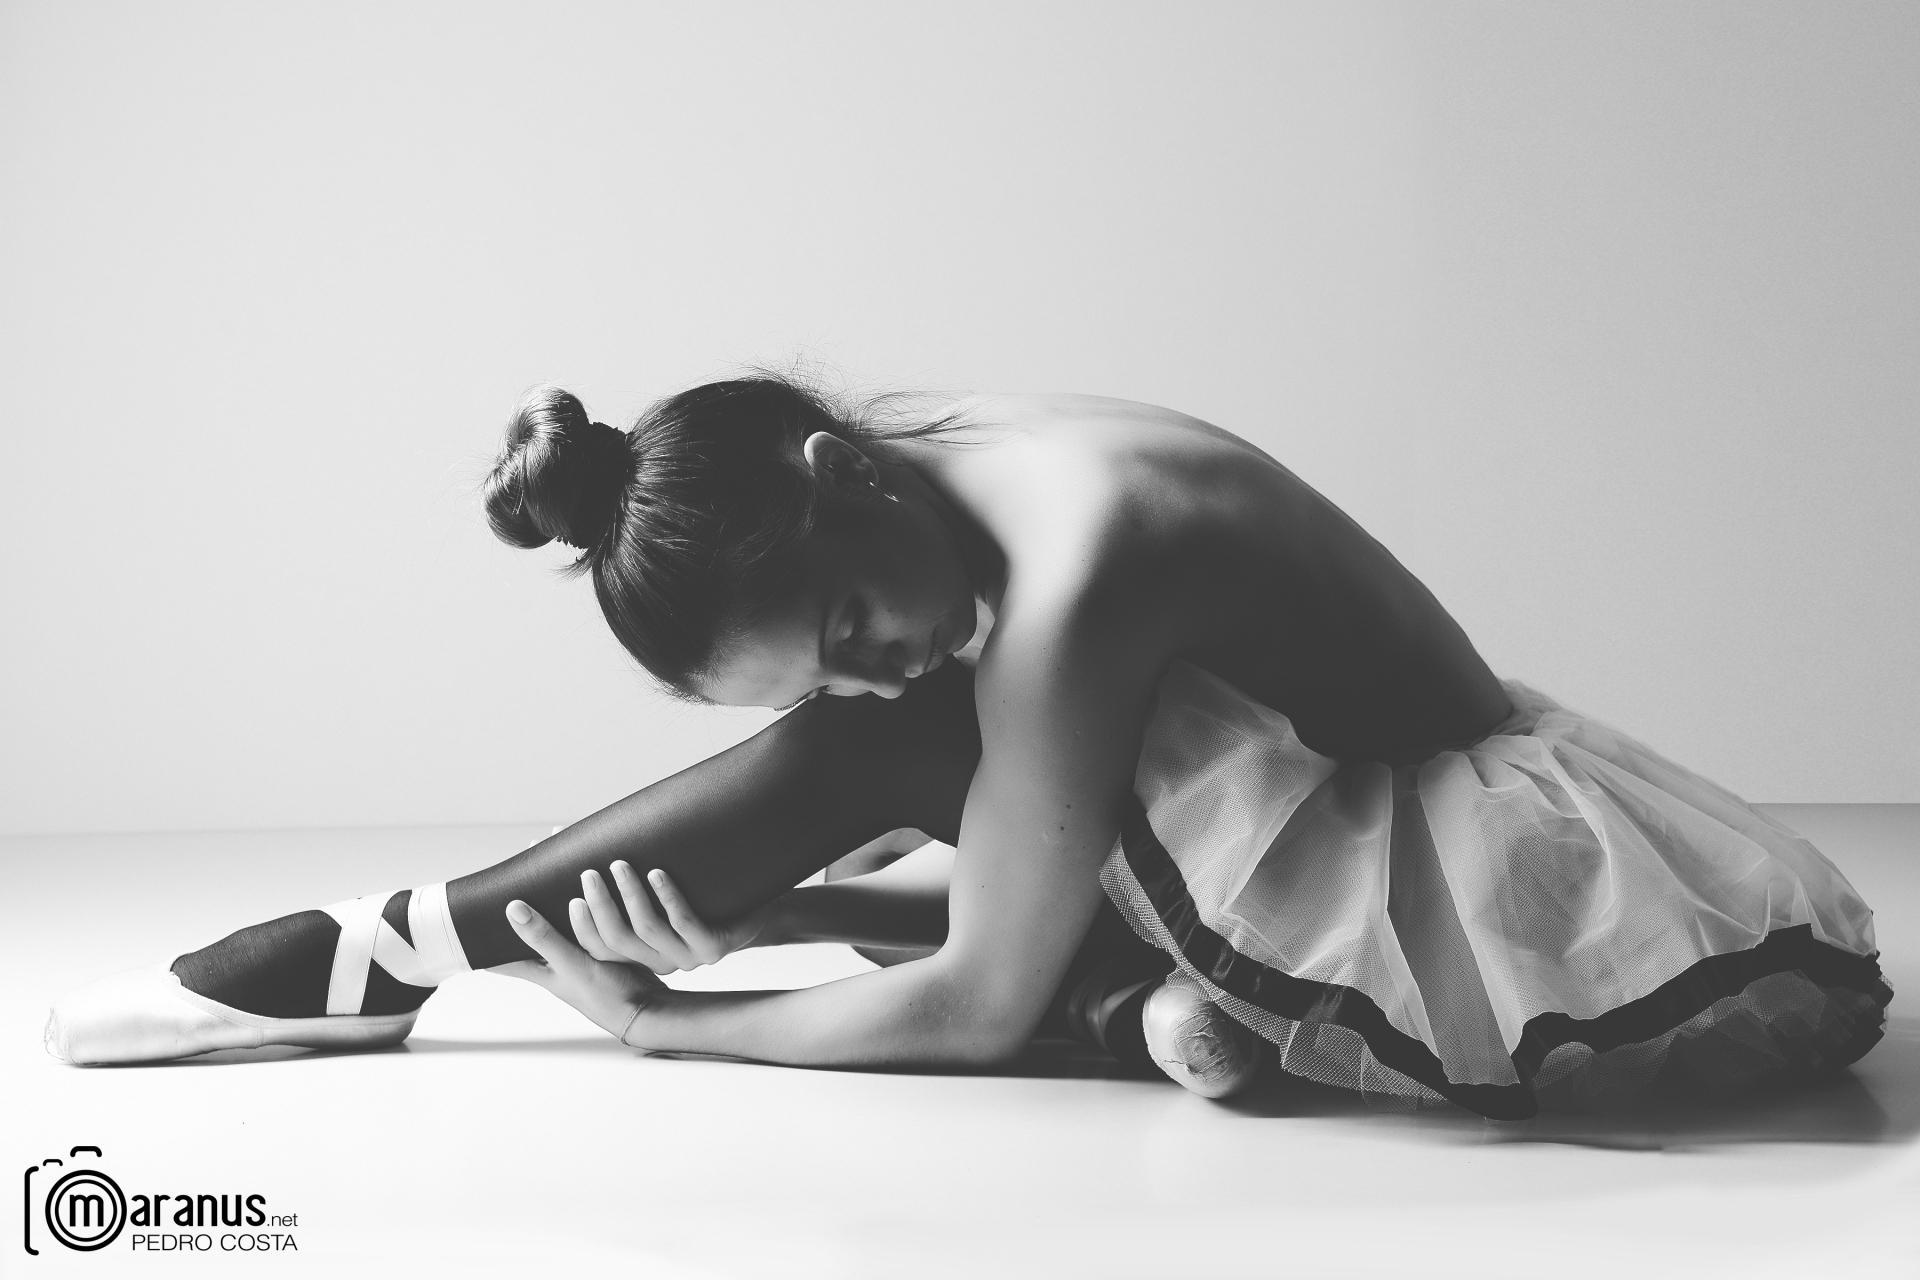 resting ballerina © maranus.net